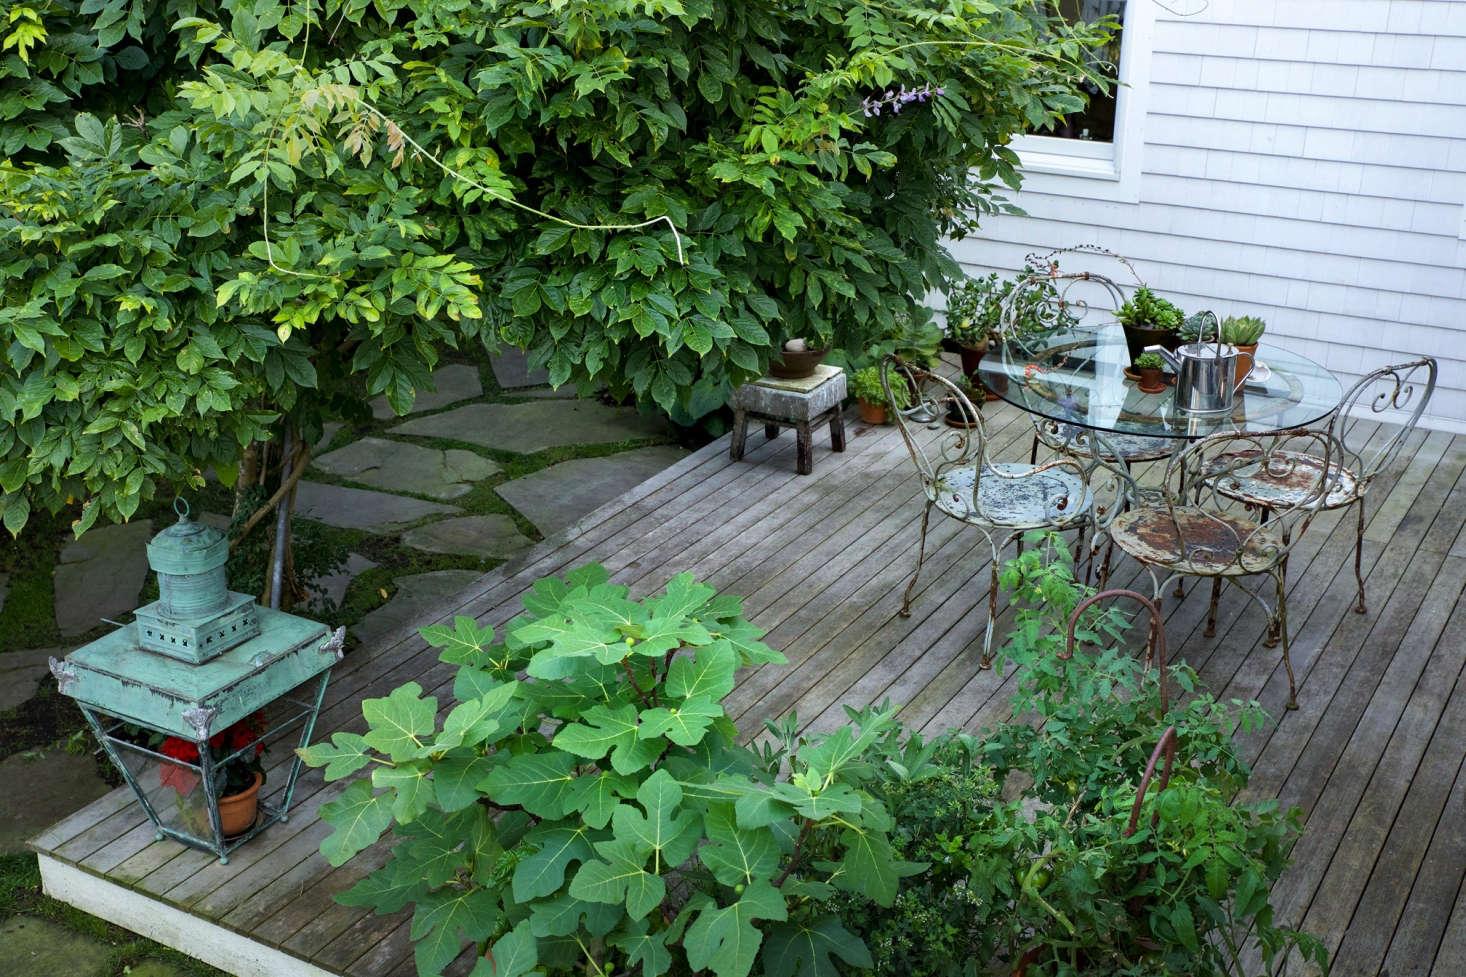 在院子里,院子着火了,院子里的院子,在地面上,还有一条小脚球和小脚趾。一个小蝴蝶,一个小蝴蝶,一种不同的颜色,用羽毛的形状,用羽毛的形状。